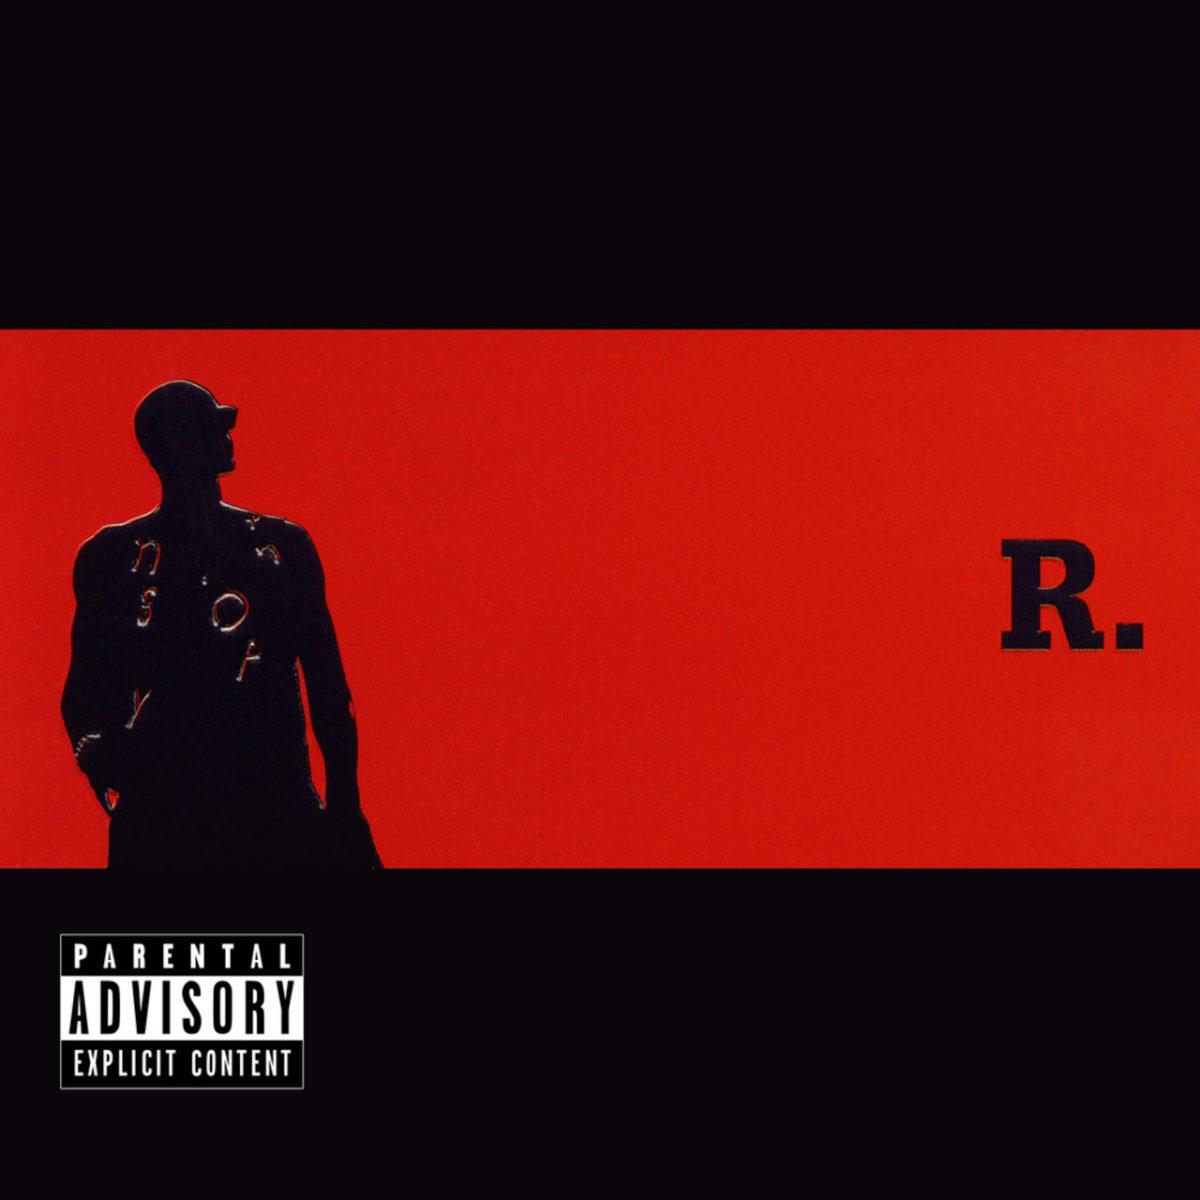 R. Kelly - R. (Cover)